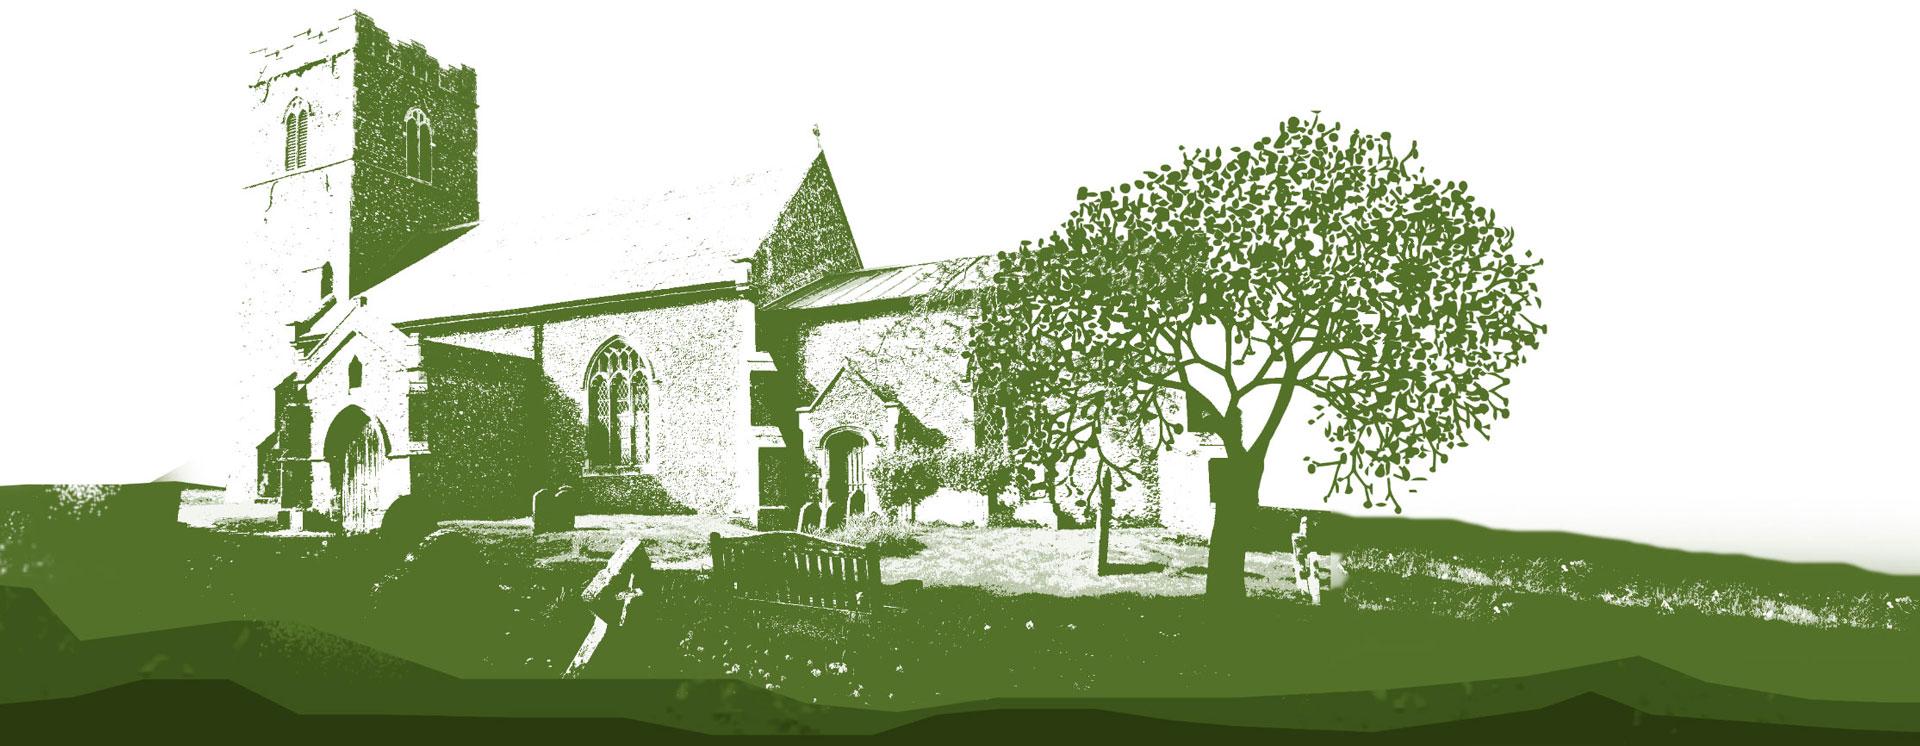 Benhall Church